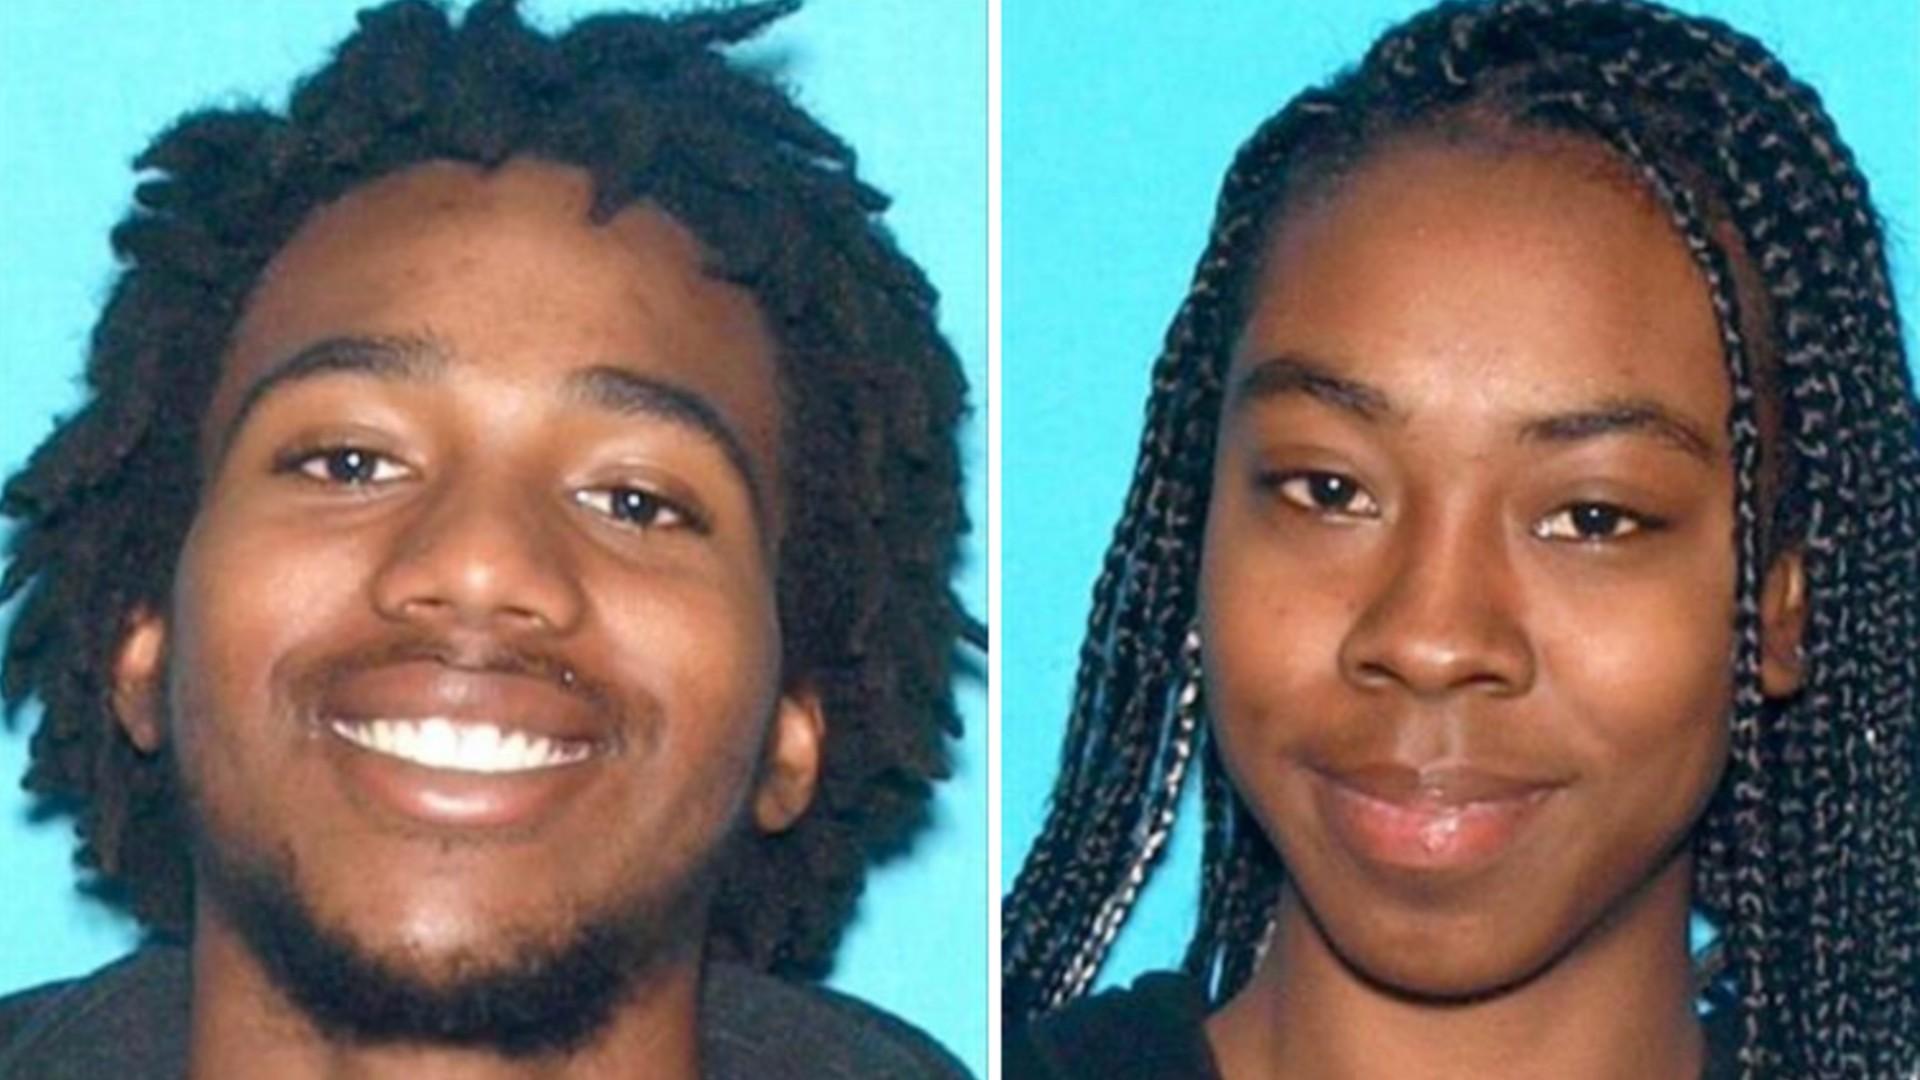 20岁的贾莫尔-斯图尔特(Jamol Stewart)于2020年12月因7月杀害23岁的女友Zarria Standokes而被捕。圣贝纳迪诺警察局)。(photo:KTLA)